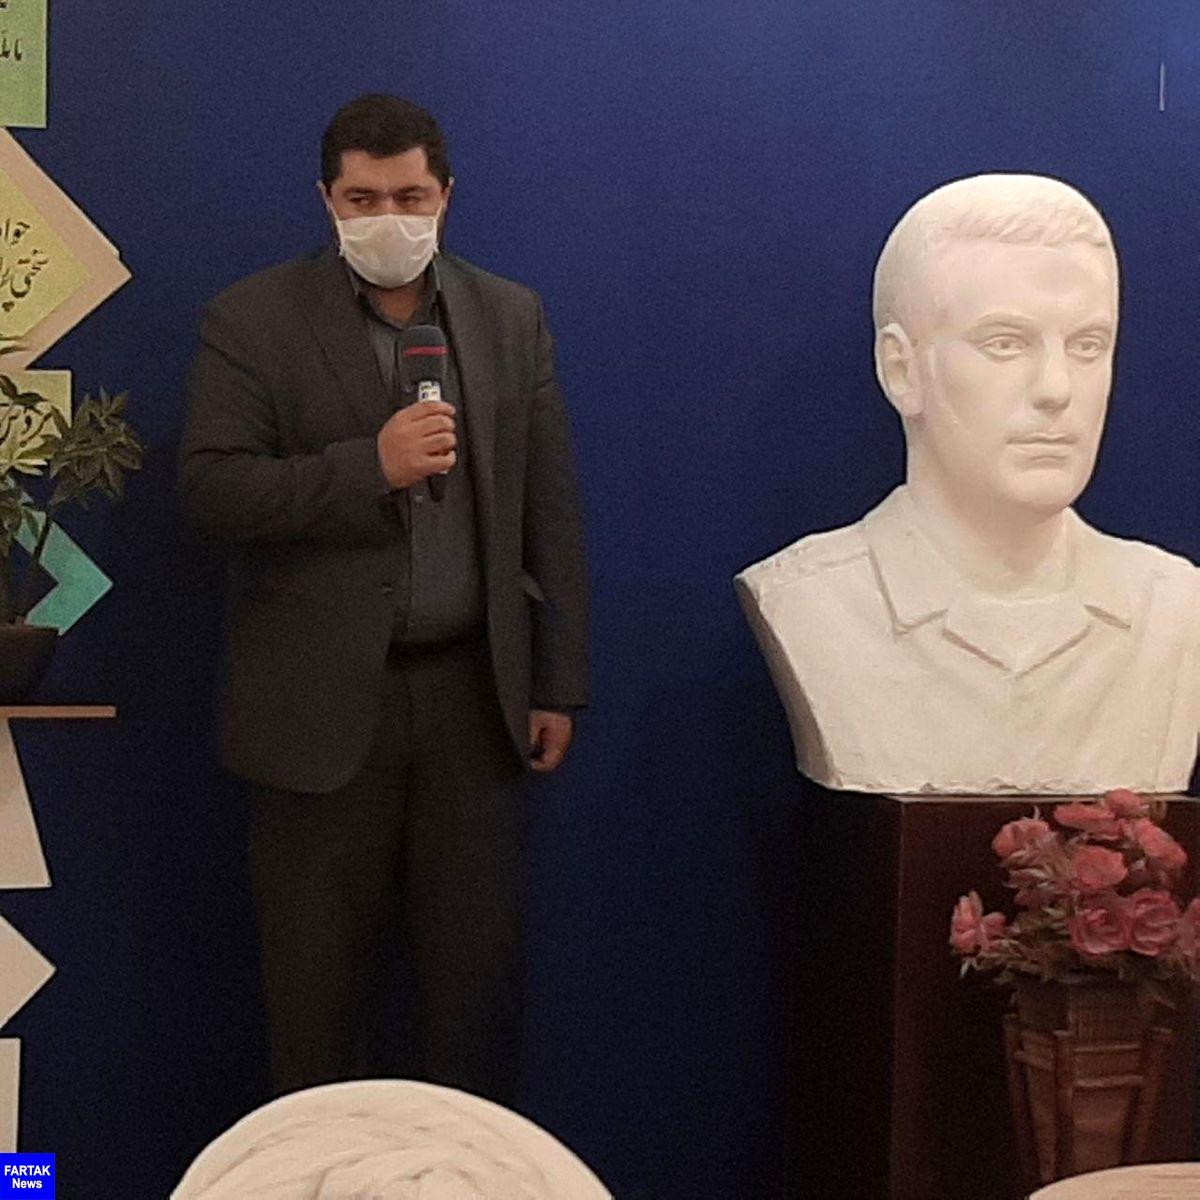 افتتاح غرفه مجازی «روشنای خاطرهها» با بیش از هزار عنوان کتاب دفاع مقدس